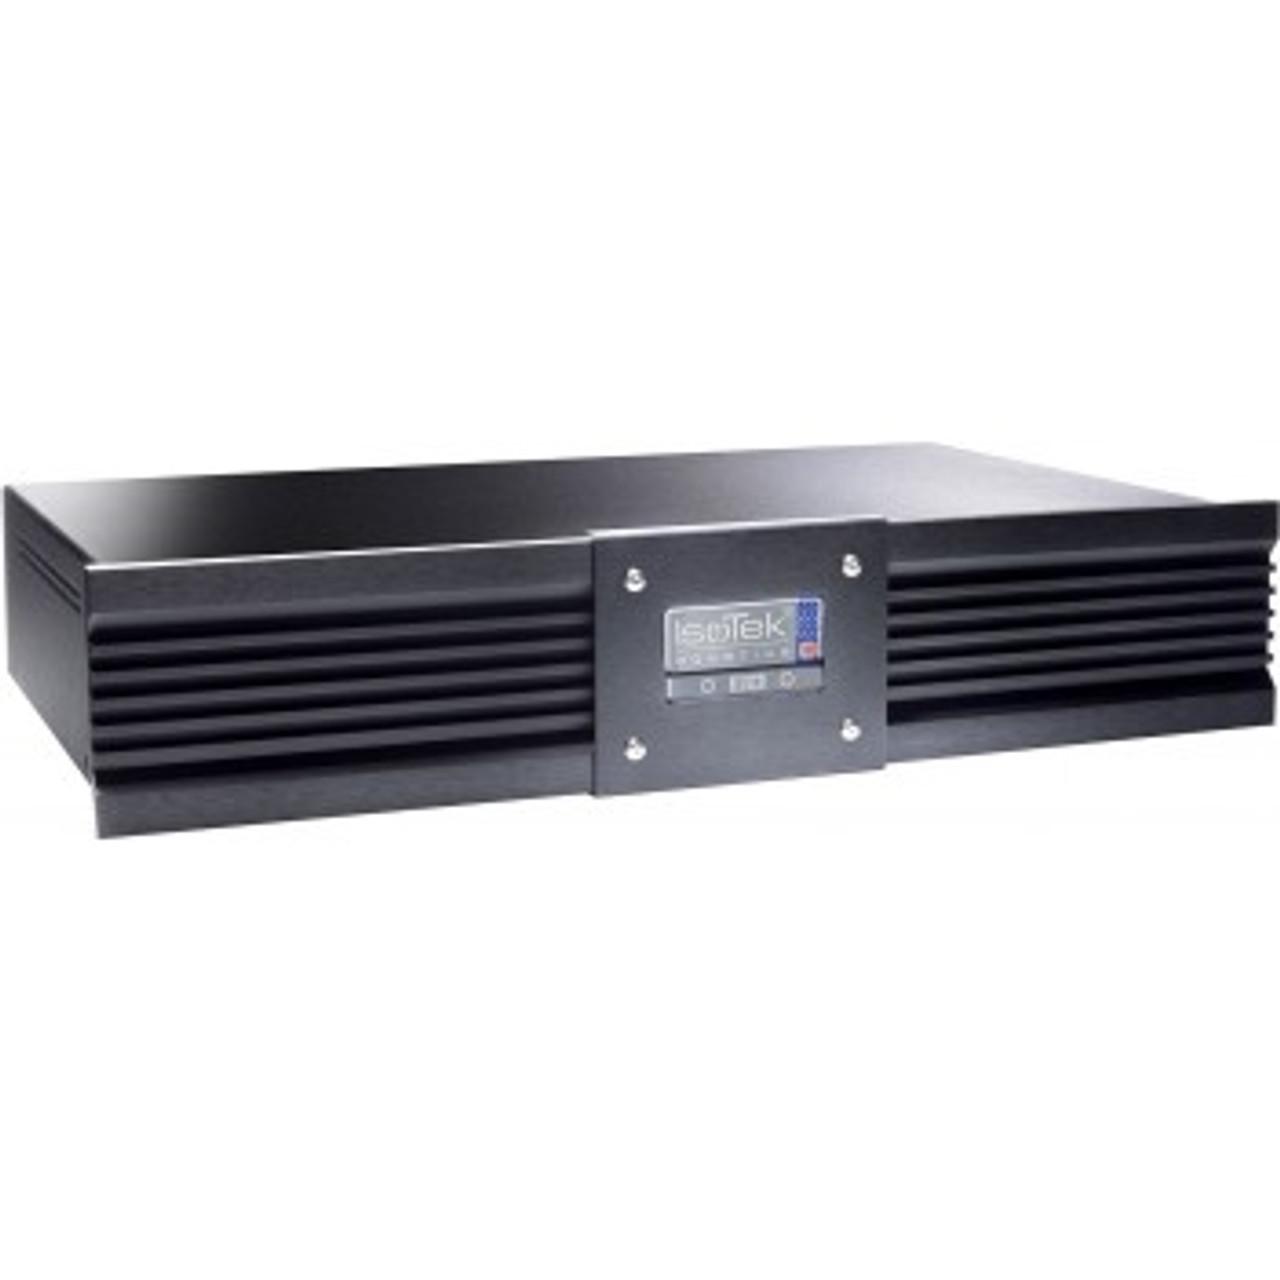 IsoTek EVO3 Aquarius Power Conditioner Open Box